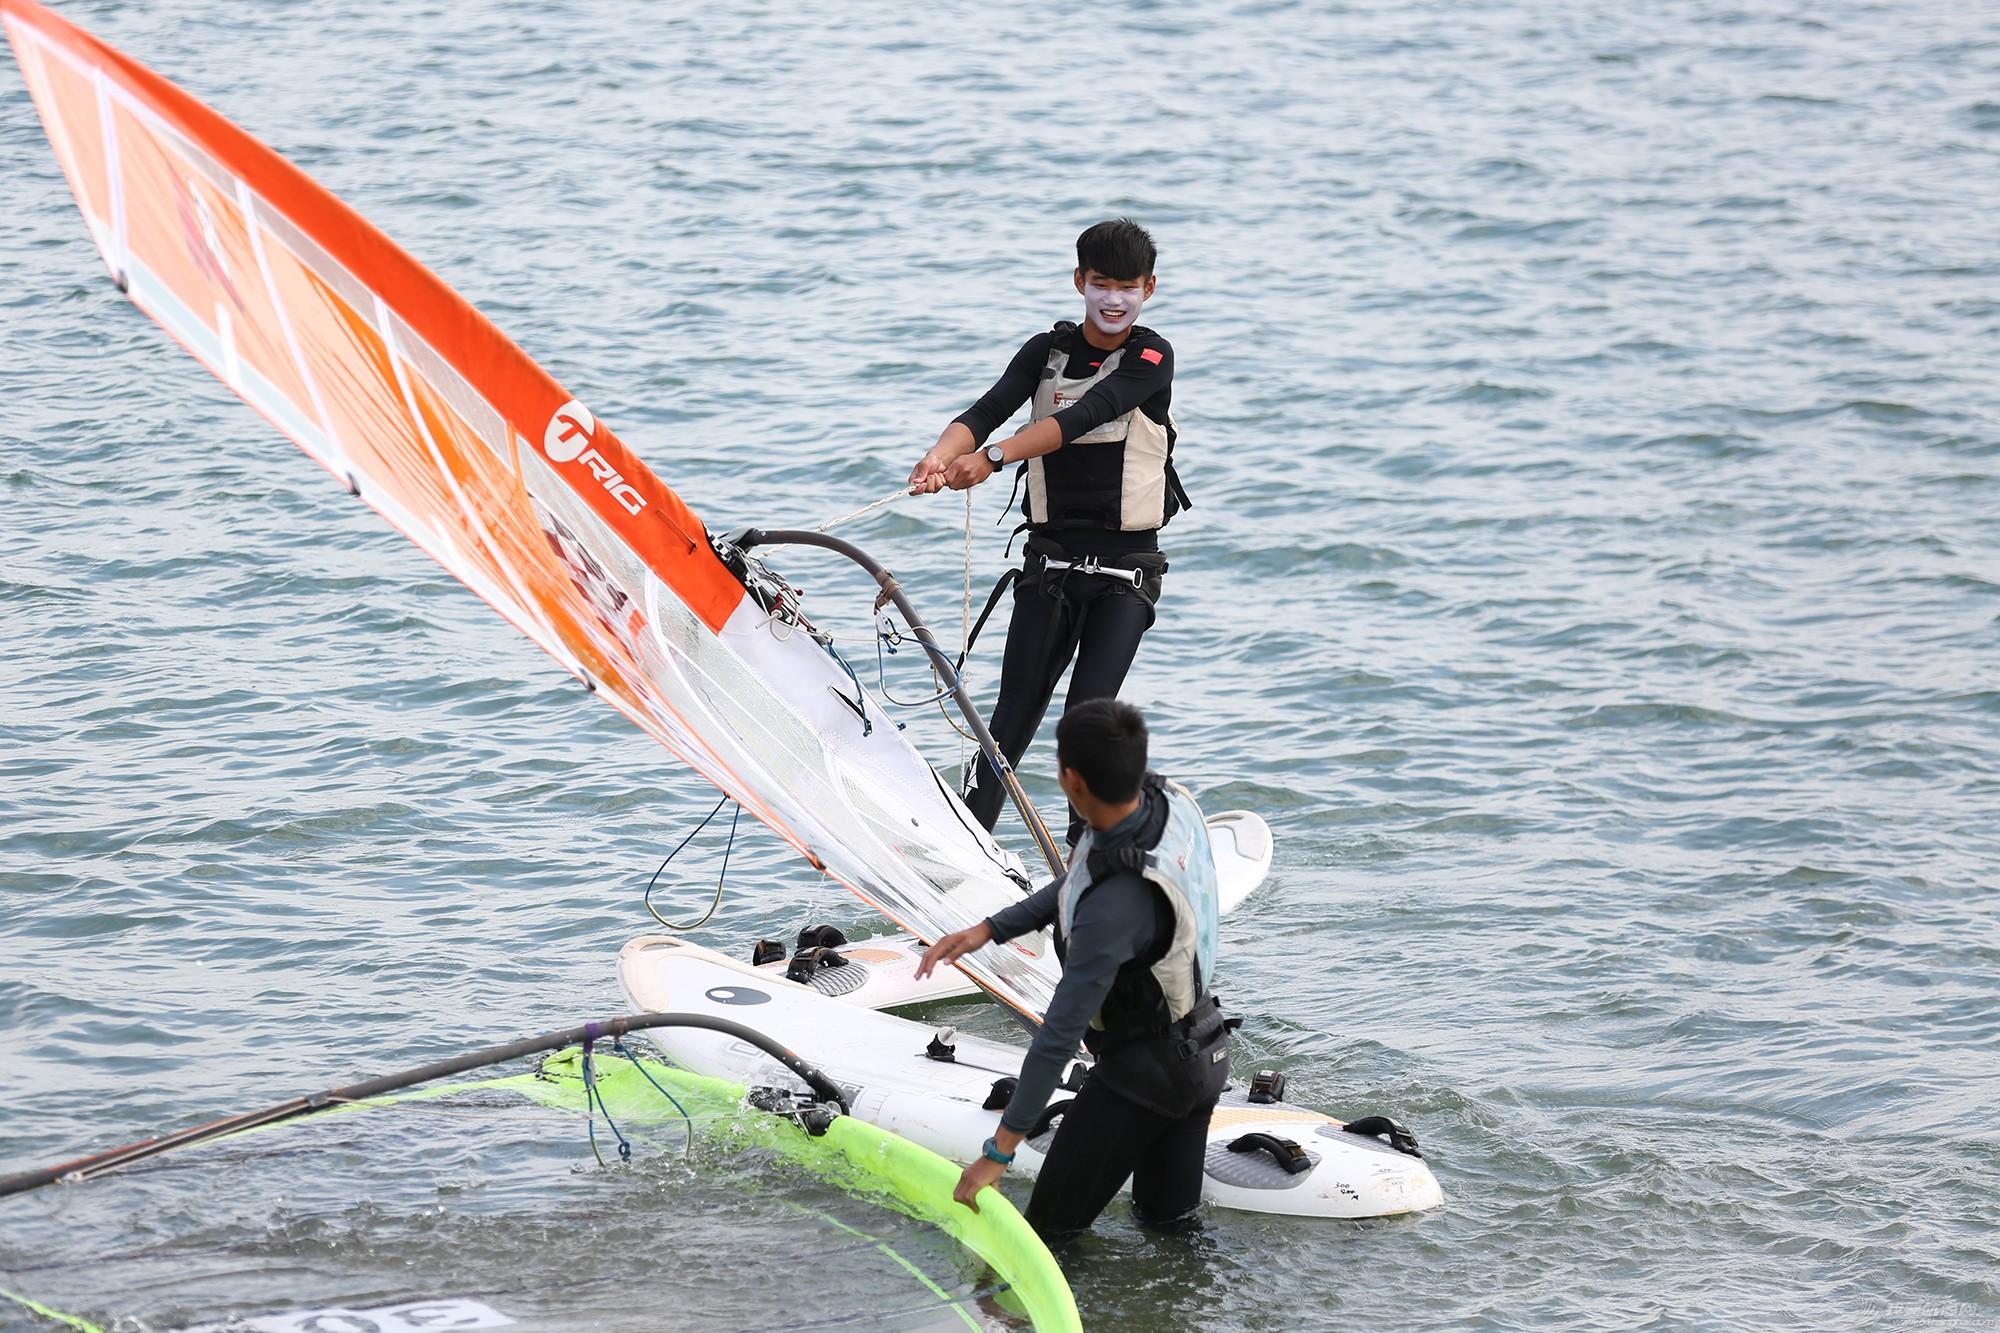 山东省,冠军赛,帆板,帆船 忙碌的赛前准备——山东省帆船帆板冠军赛花絮 5V8A9630.JPG